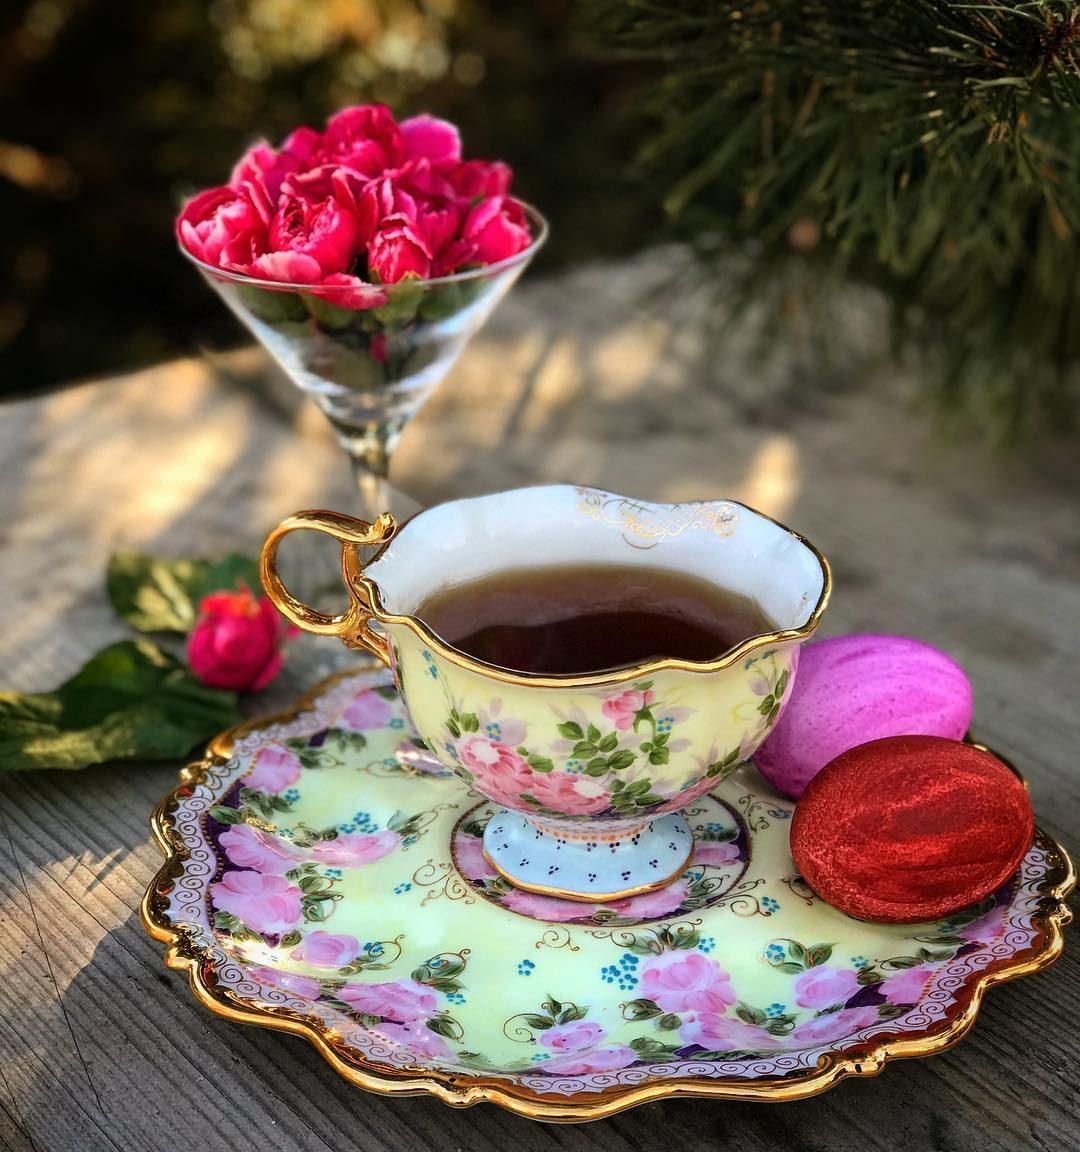 Чашка чая фото с добрым утром